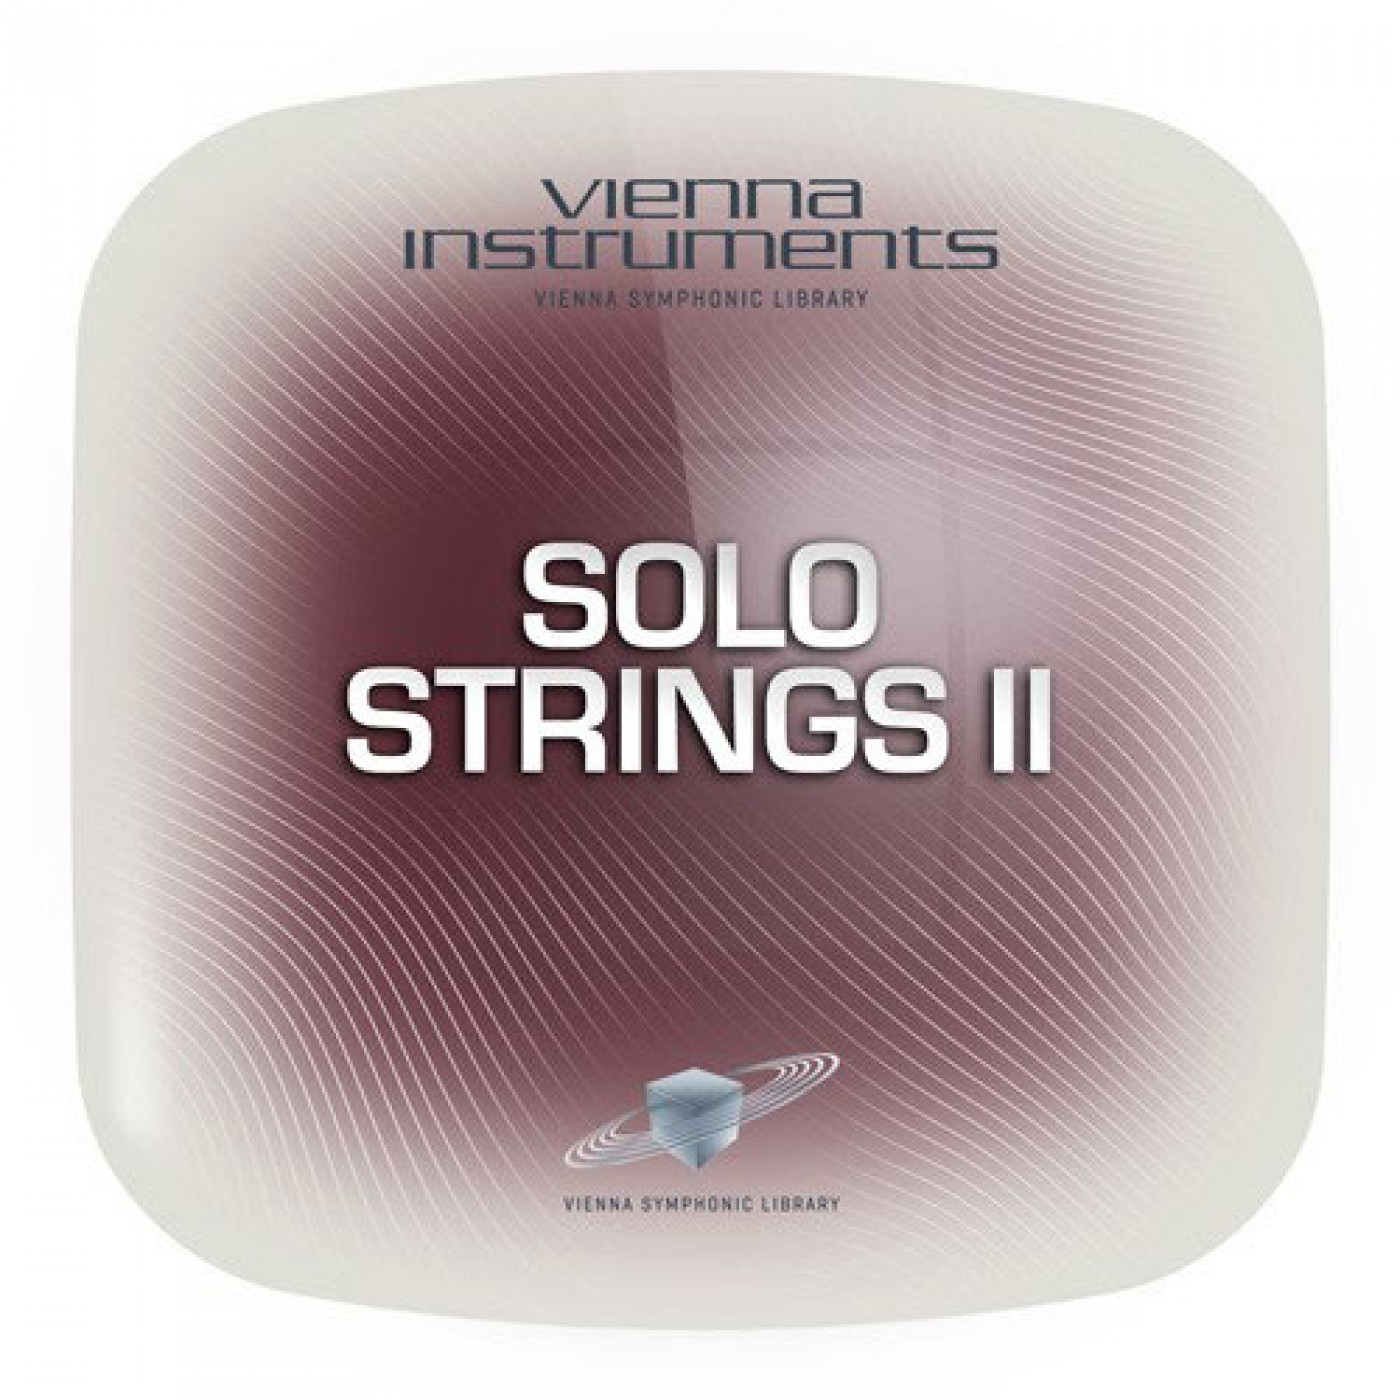 VSL SOLO STRINGS II